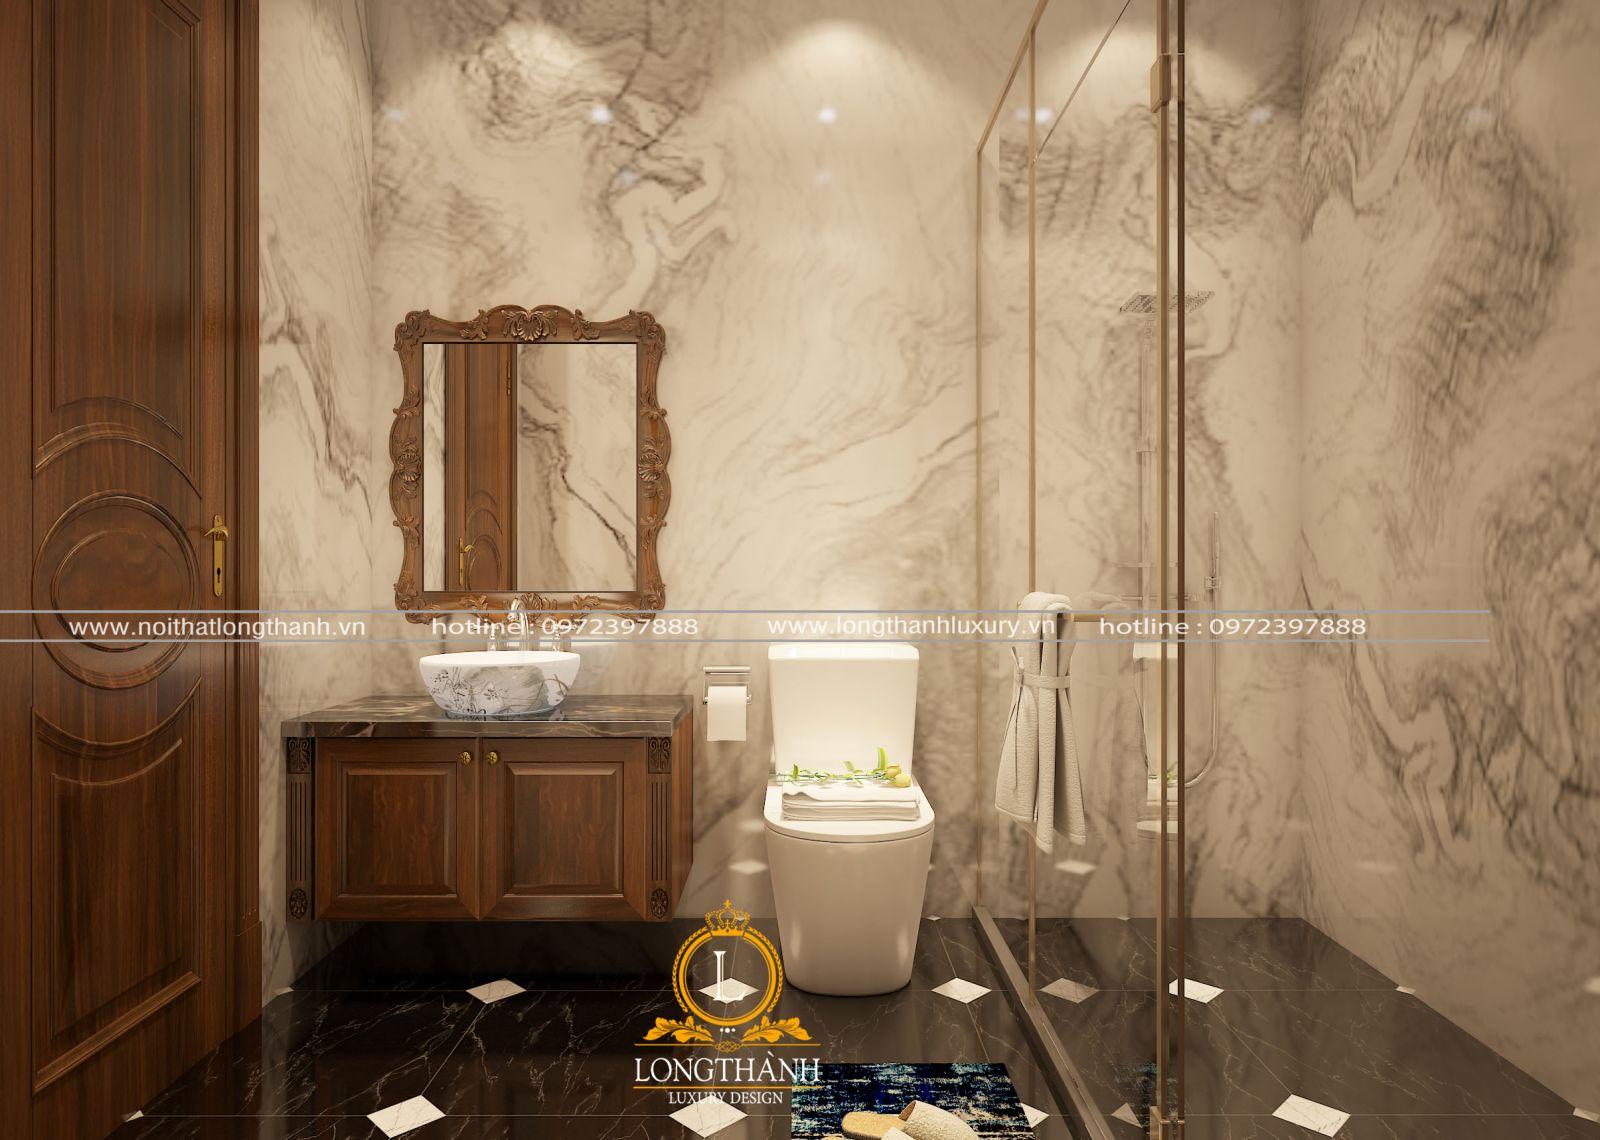 Sử dụng gỗ gõ đỏ cho phòng tắm tạo mầu sắc hài hòa, sang trọng